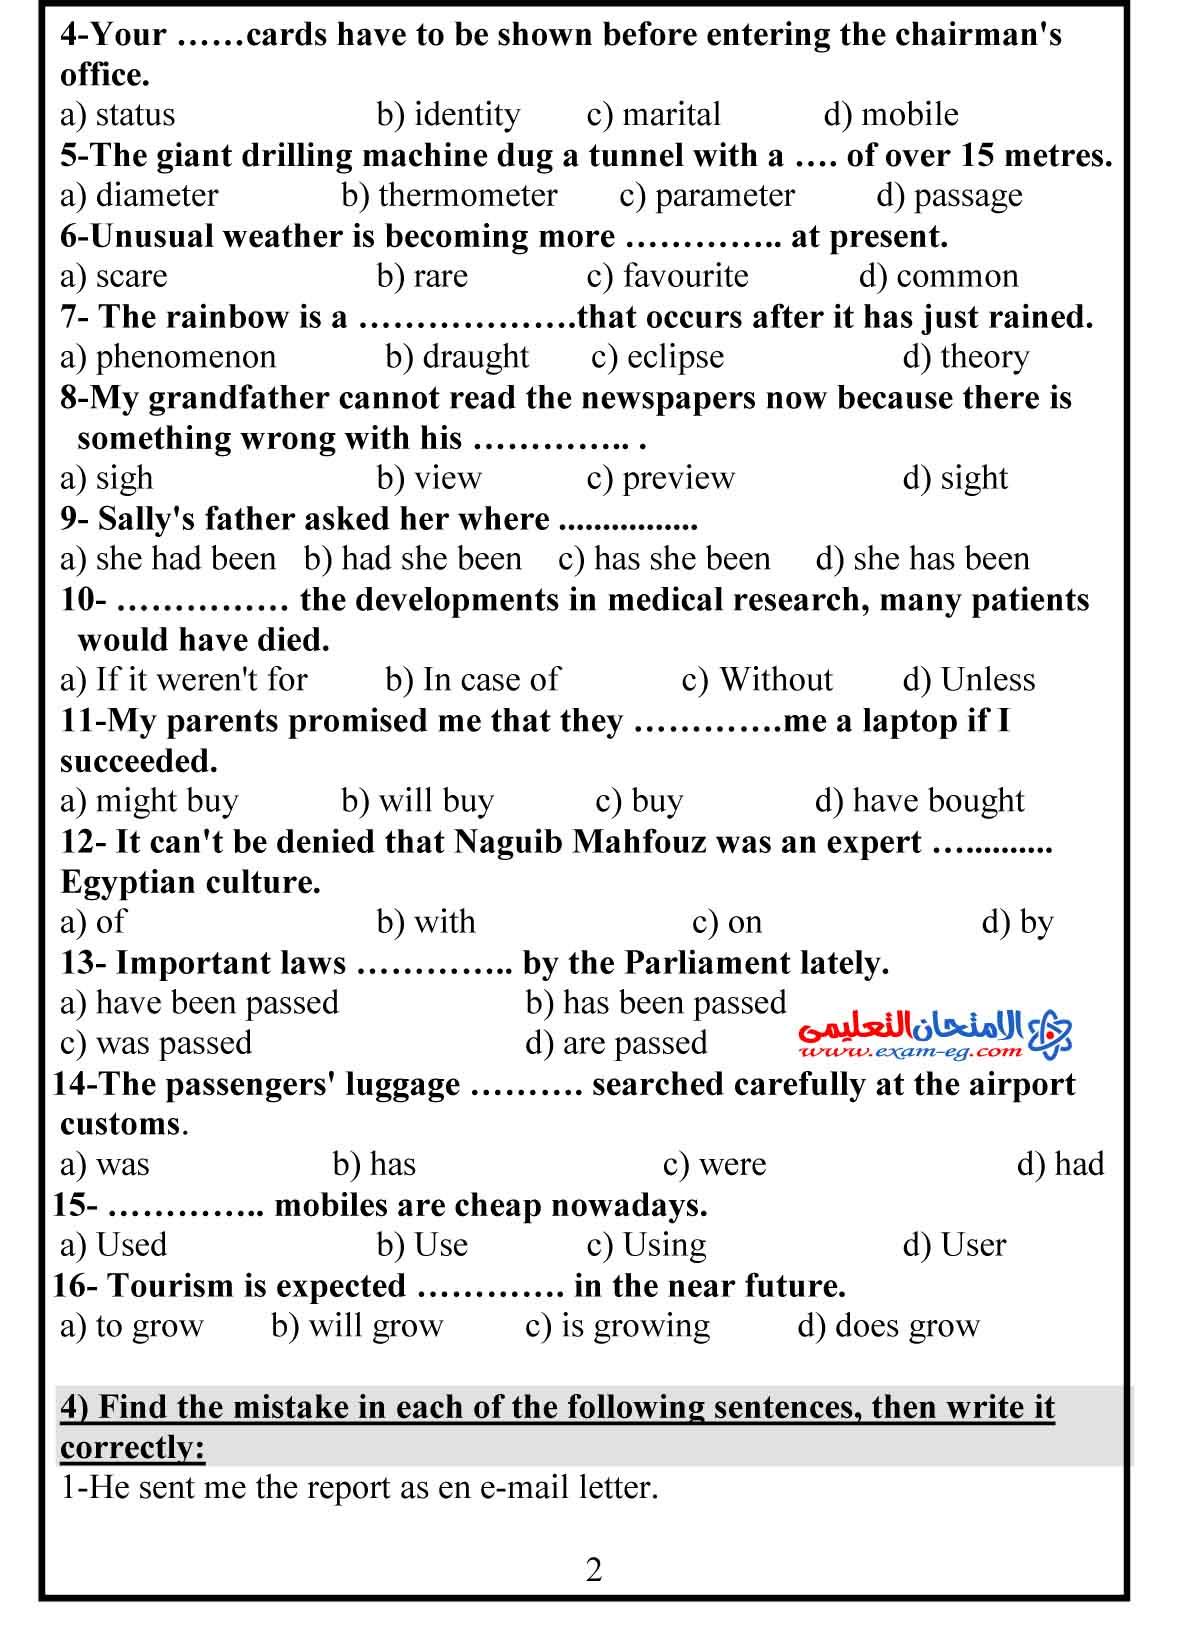 امتحان لغة انجليزية 4 - الامتحان التعليمى-2